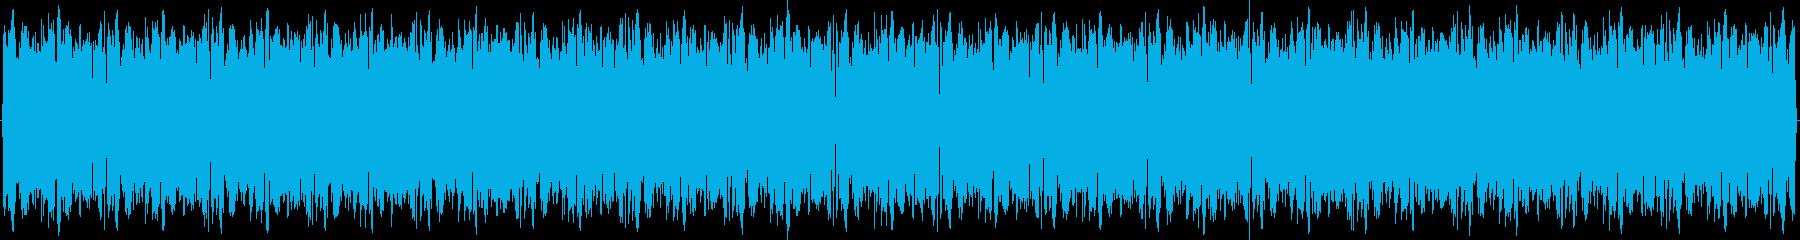 ゴォ(地鳴り、地響き、降臨、ボス)の再生済みの波形